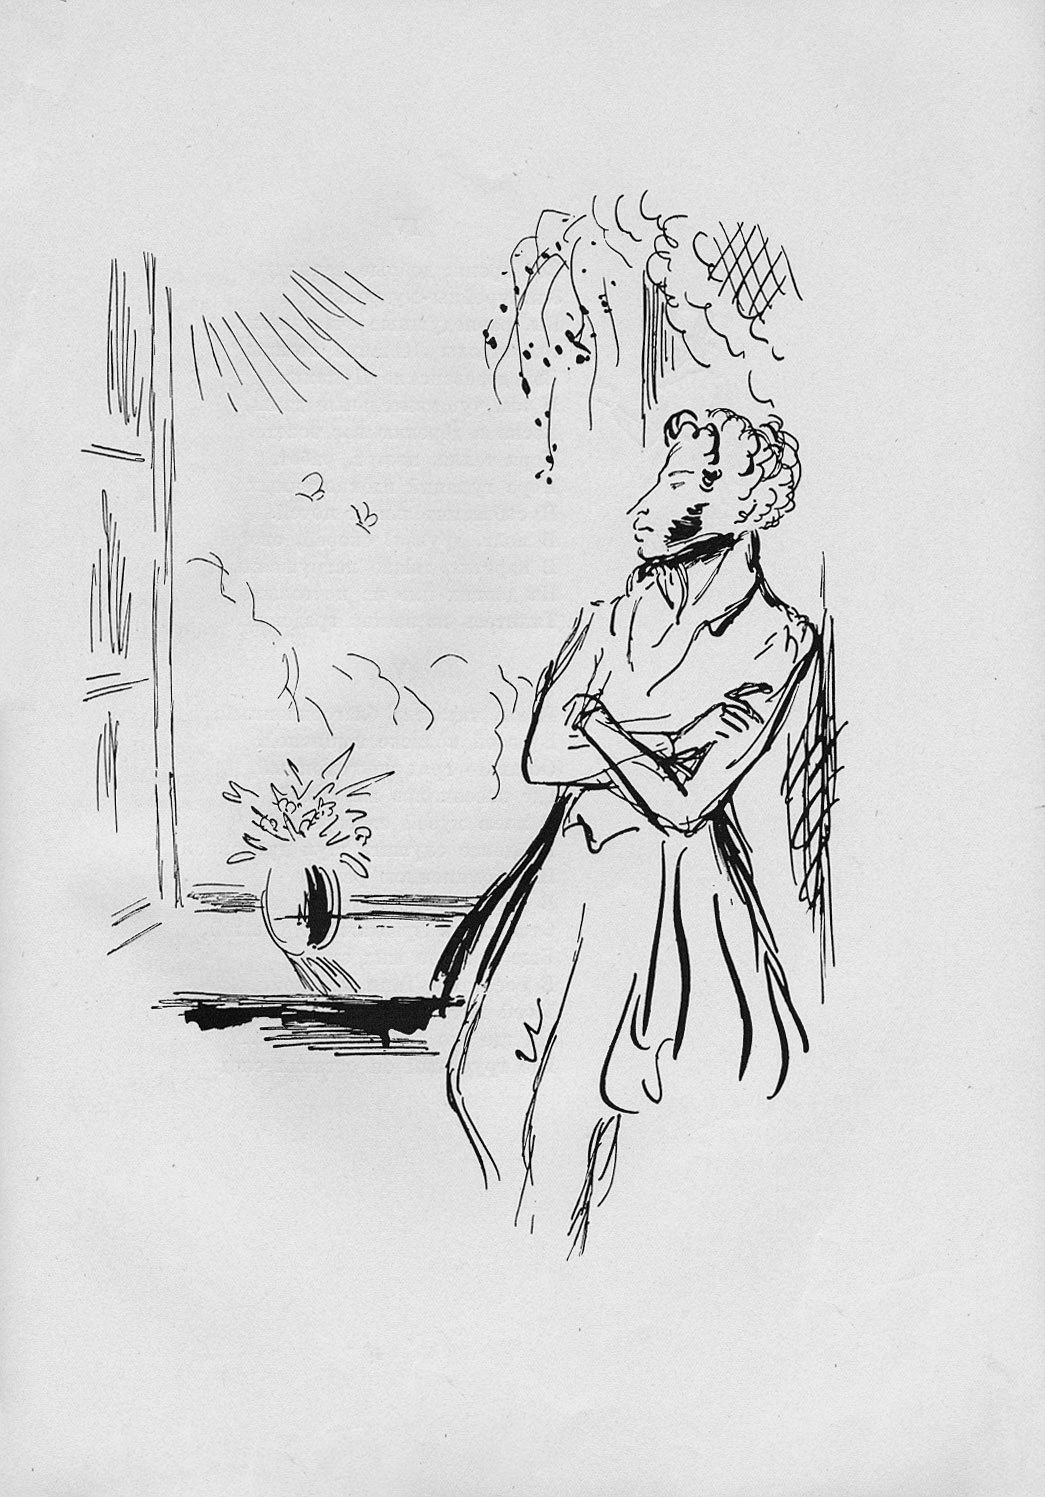 картинки из произведений пушкина карандашом ткань лимфоидная таких